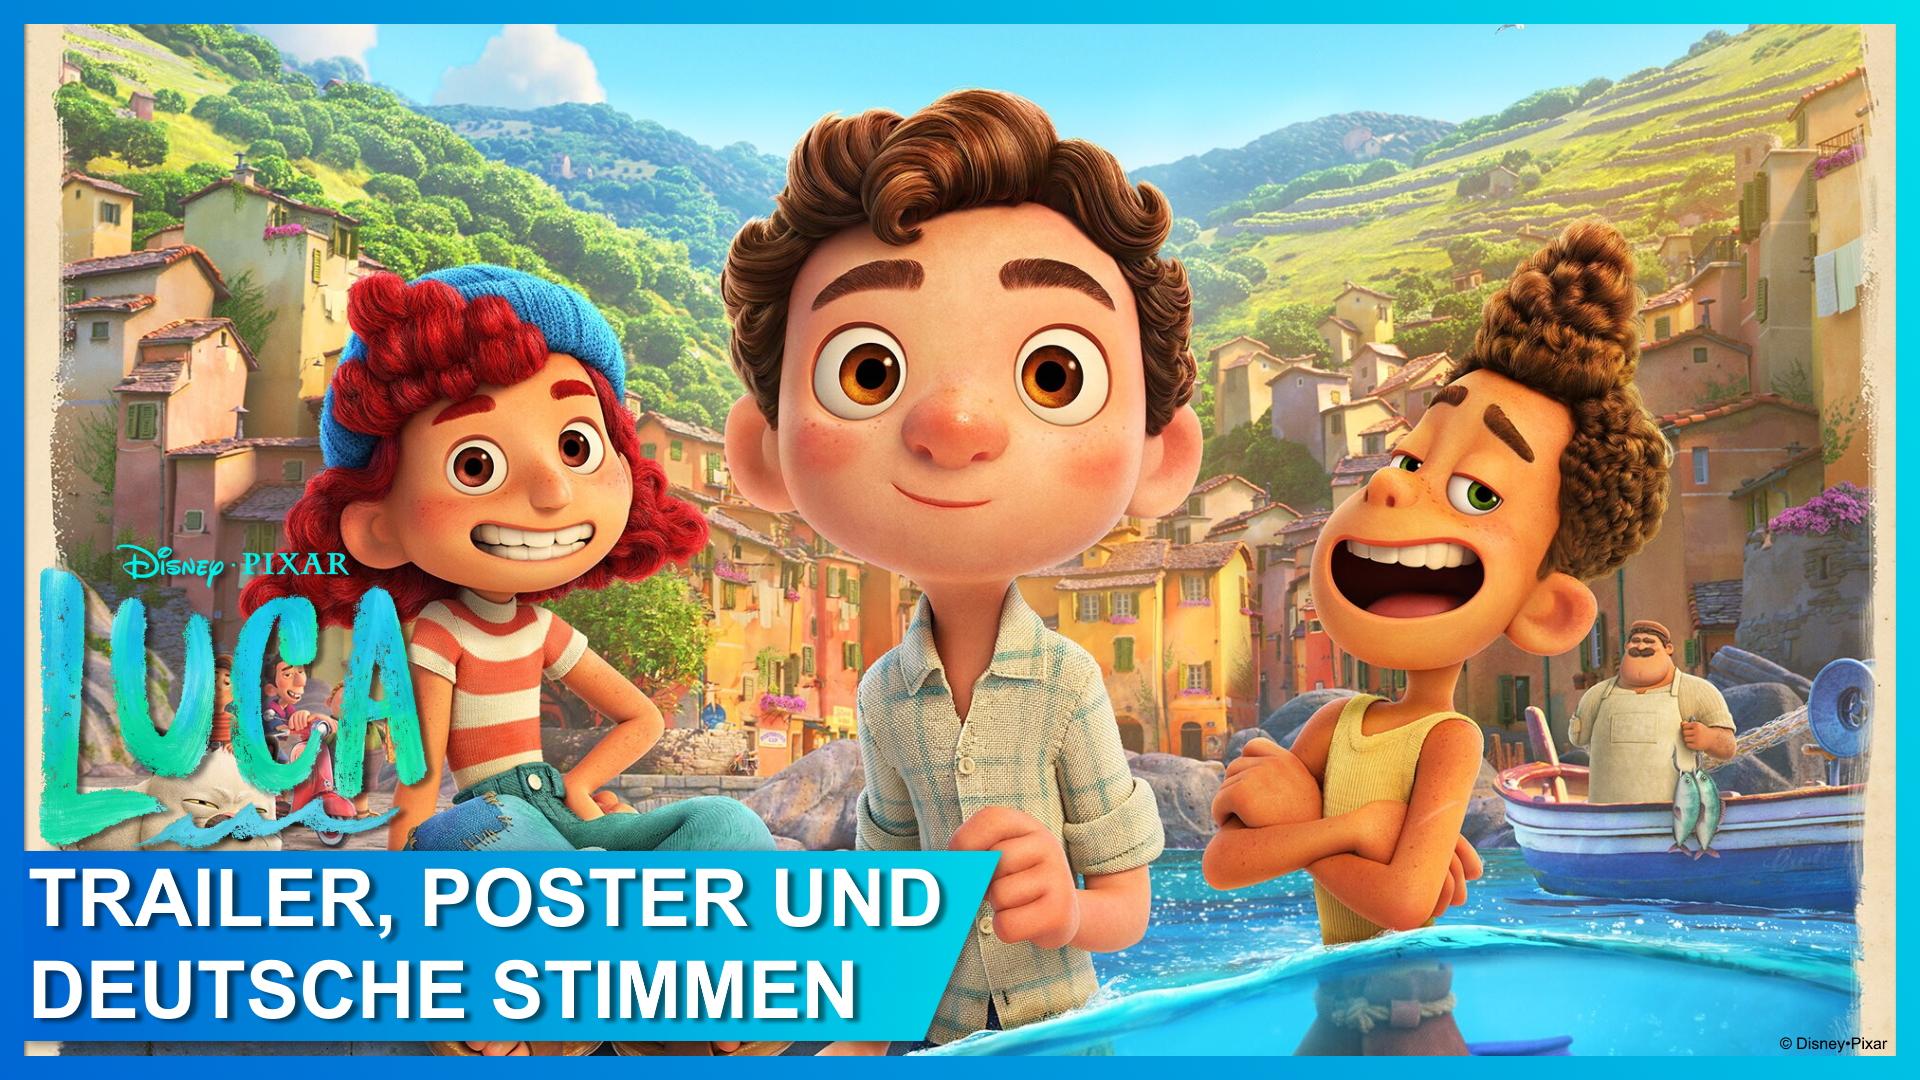 Luca Trailer und Poster